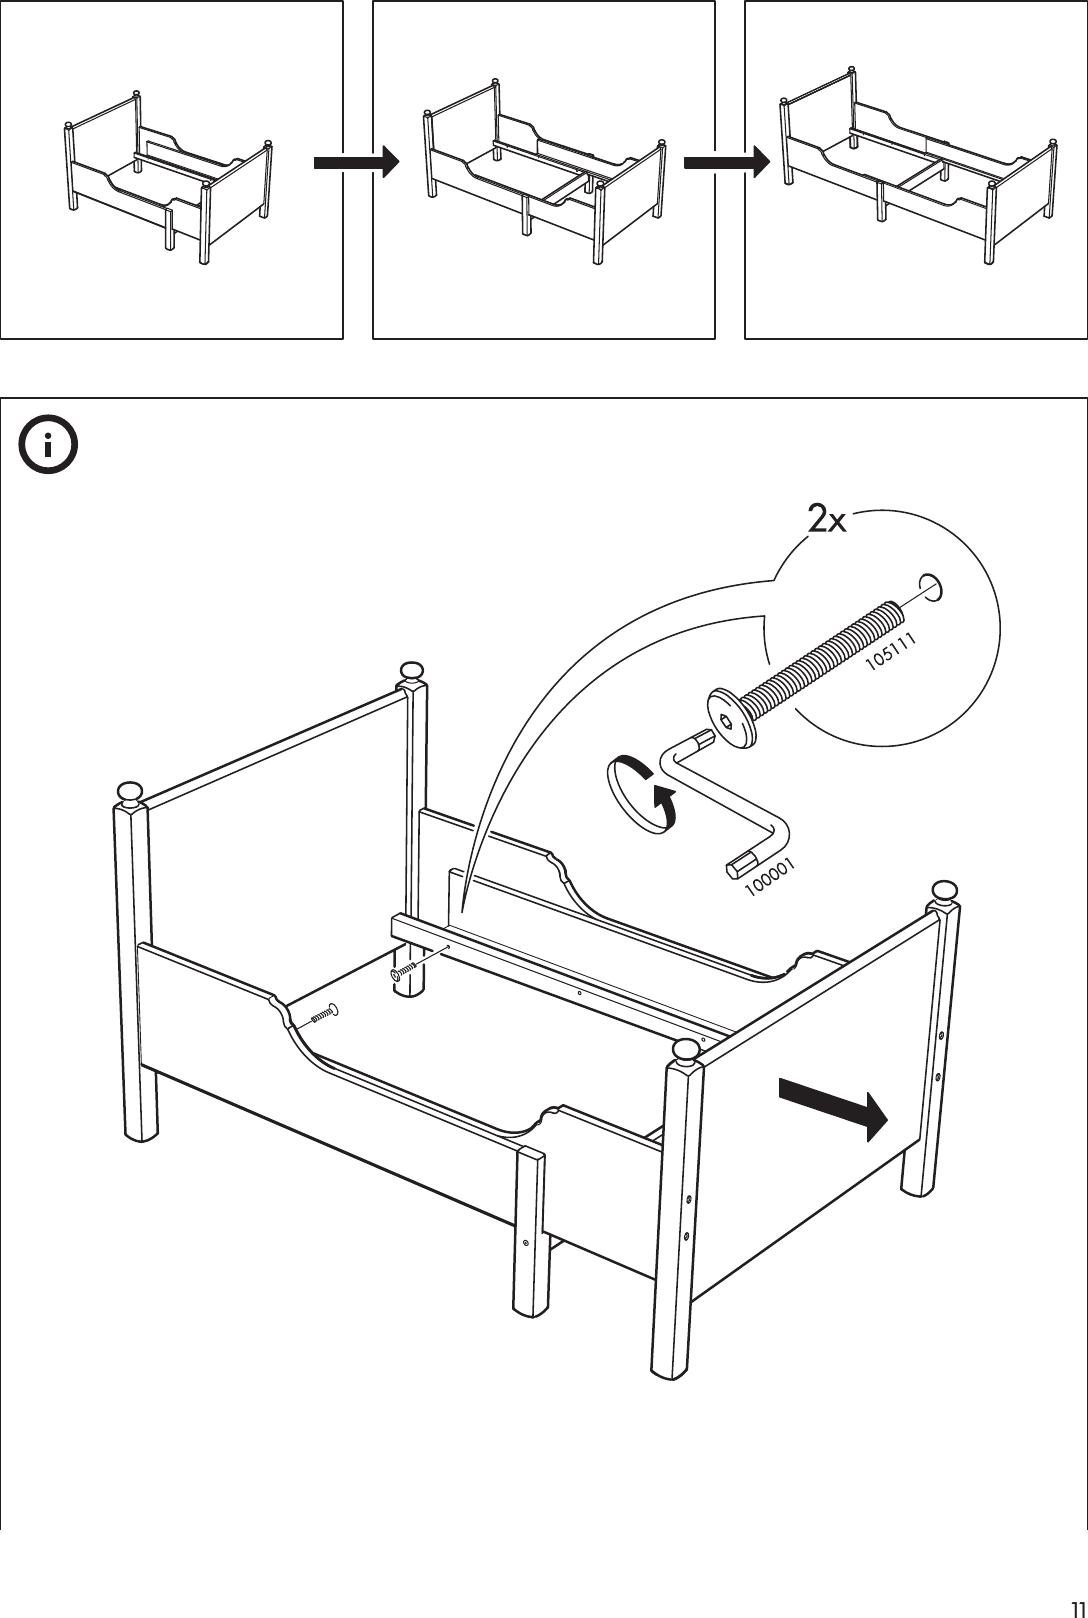 Pin By Bnabli On Chambre Enfant In 2020 Ikea Leksvik Leksvik Bed Frame